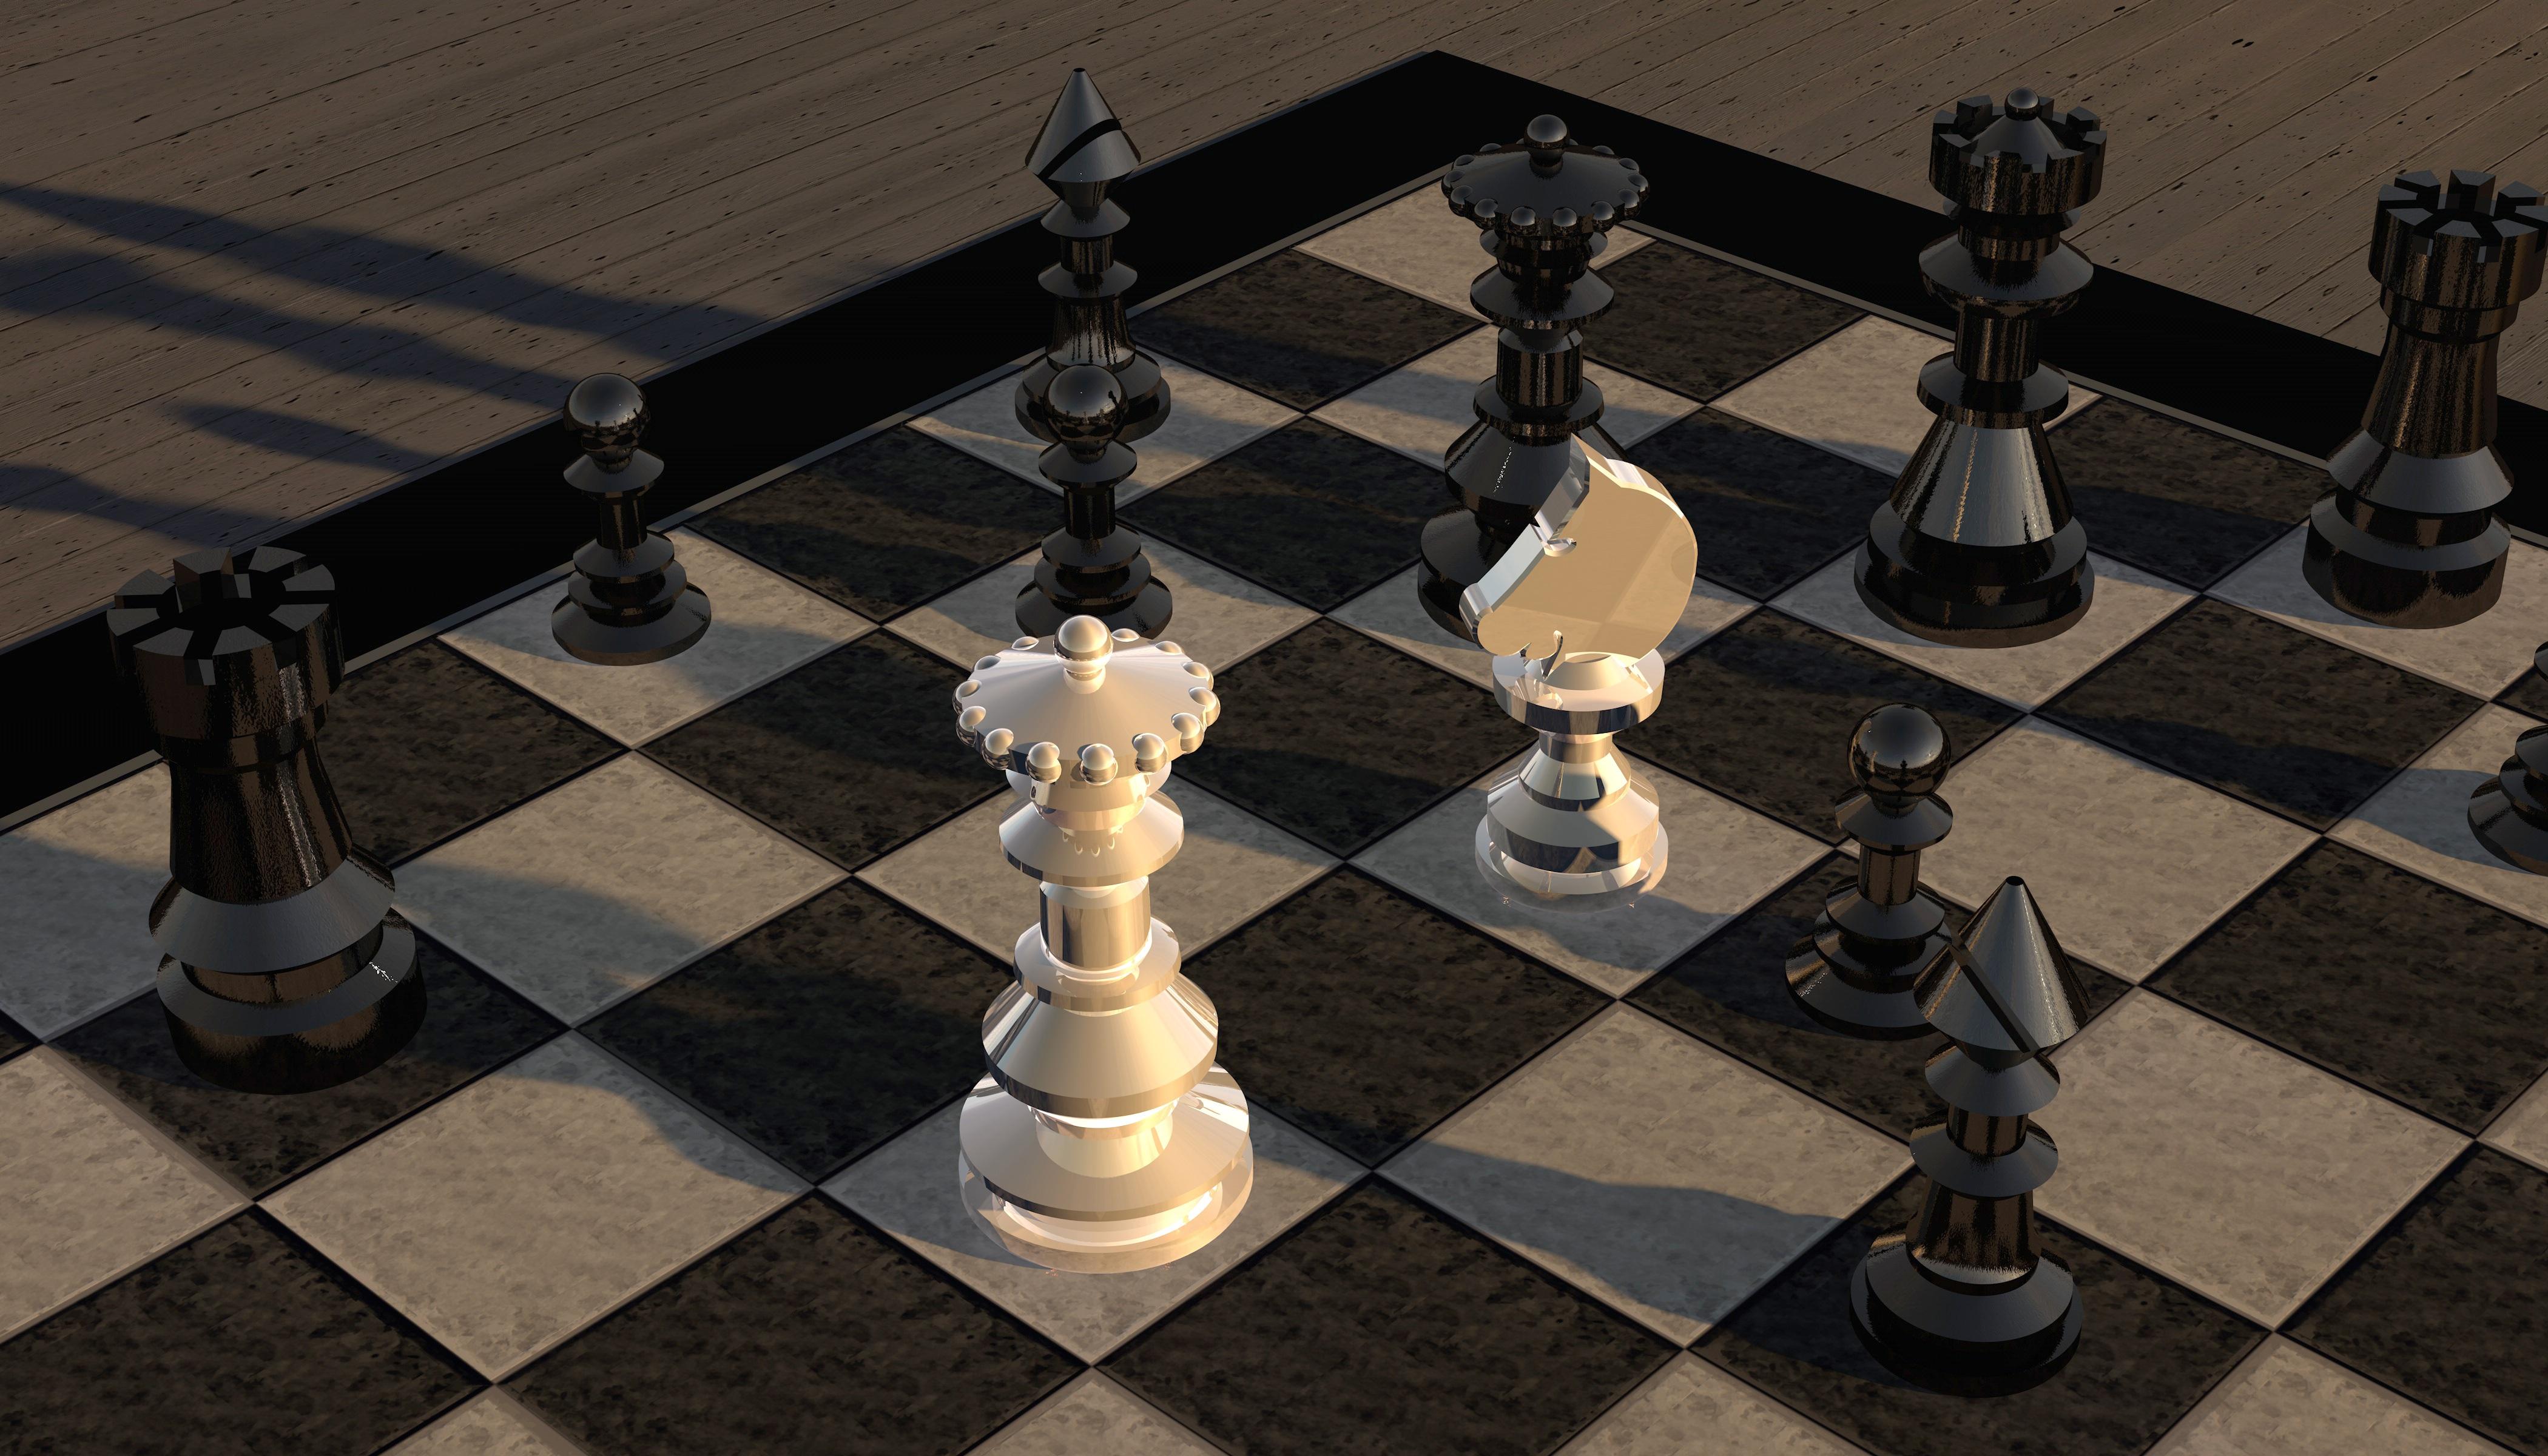 74106 Hintergrundbild herunterladen Chess, 3D, Zahlen, Figuren, Schachbrett - Bildschirmschoner und Bilder kostenlos